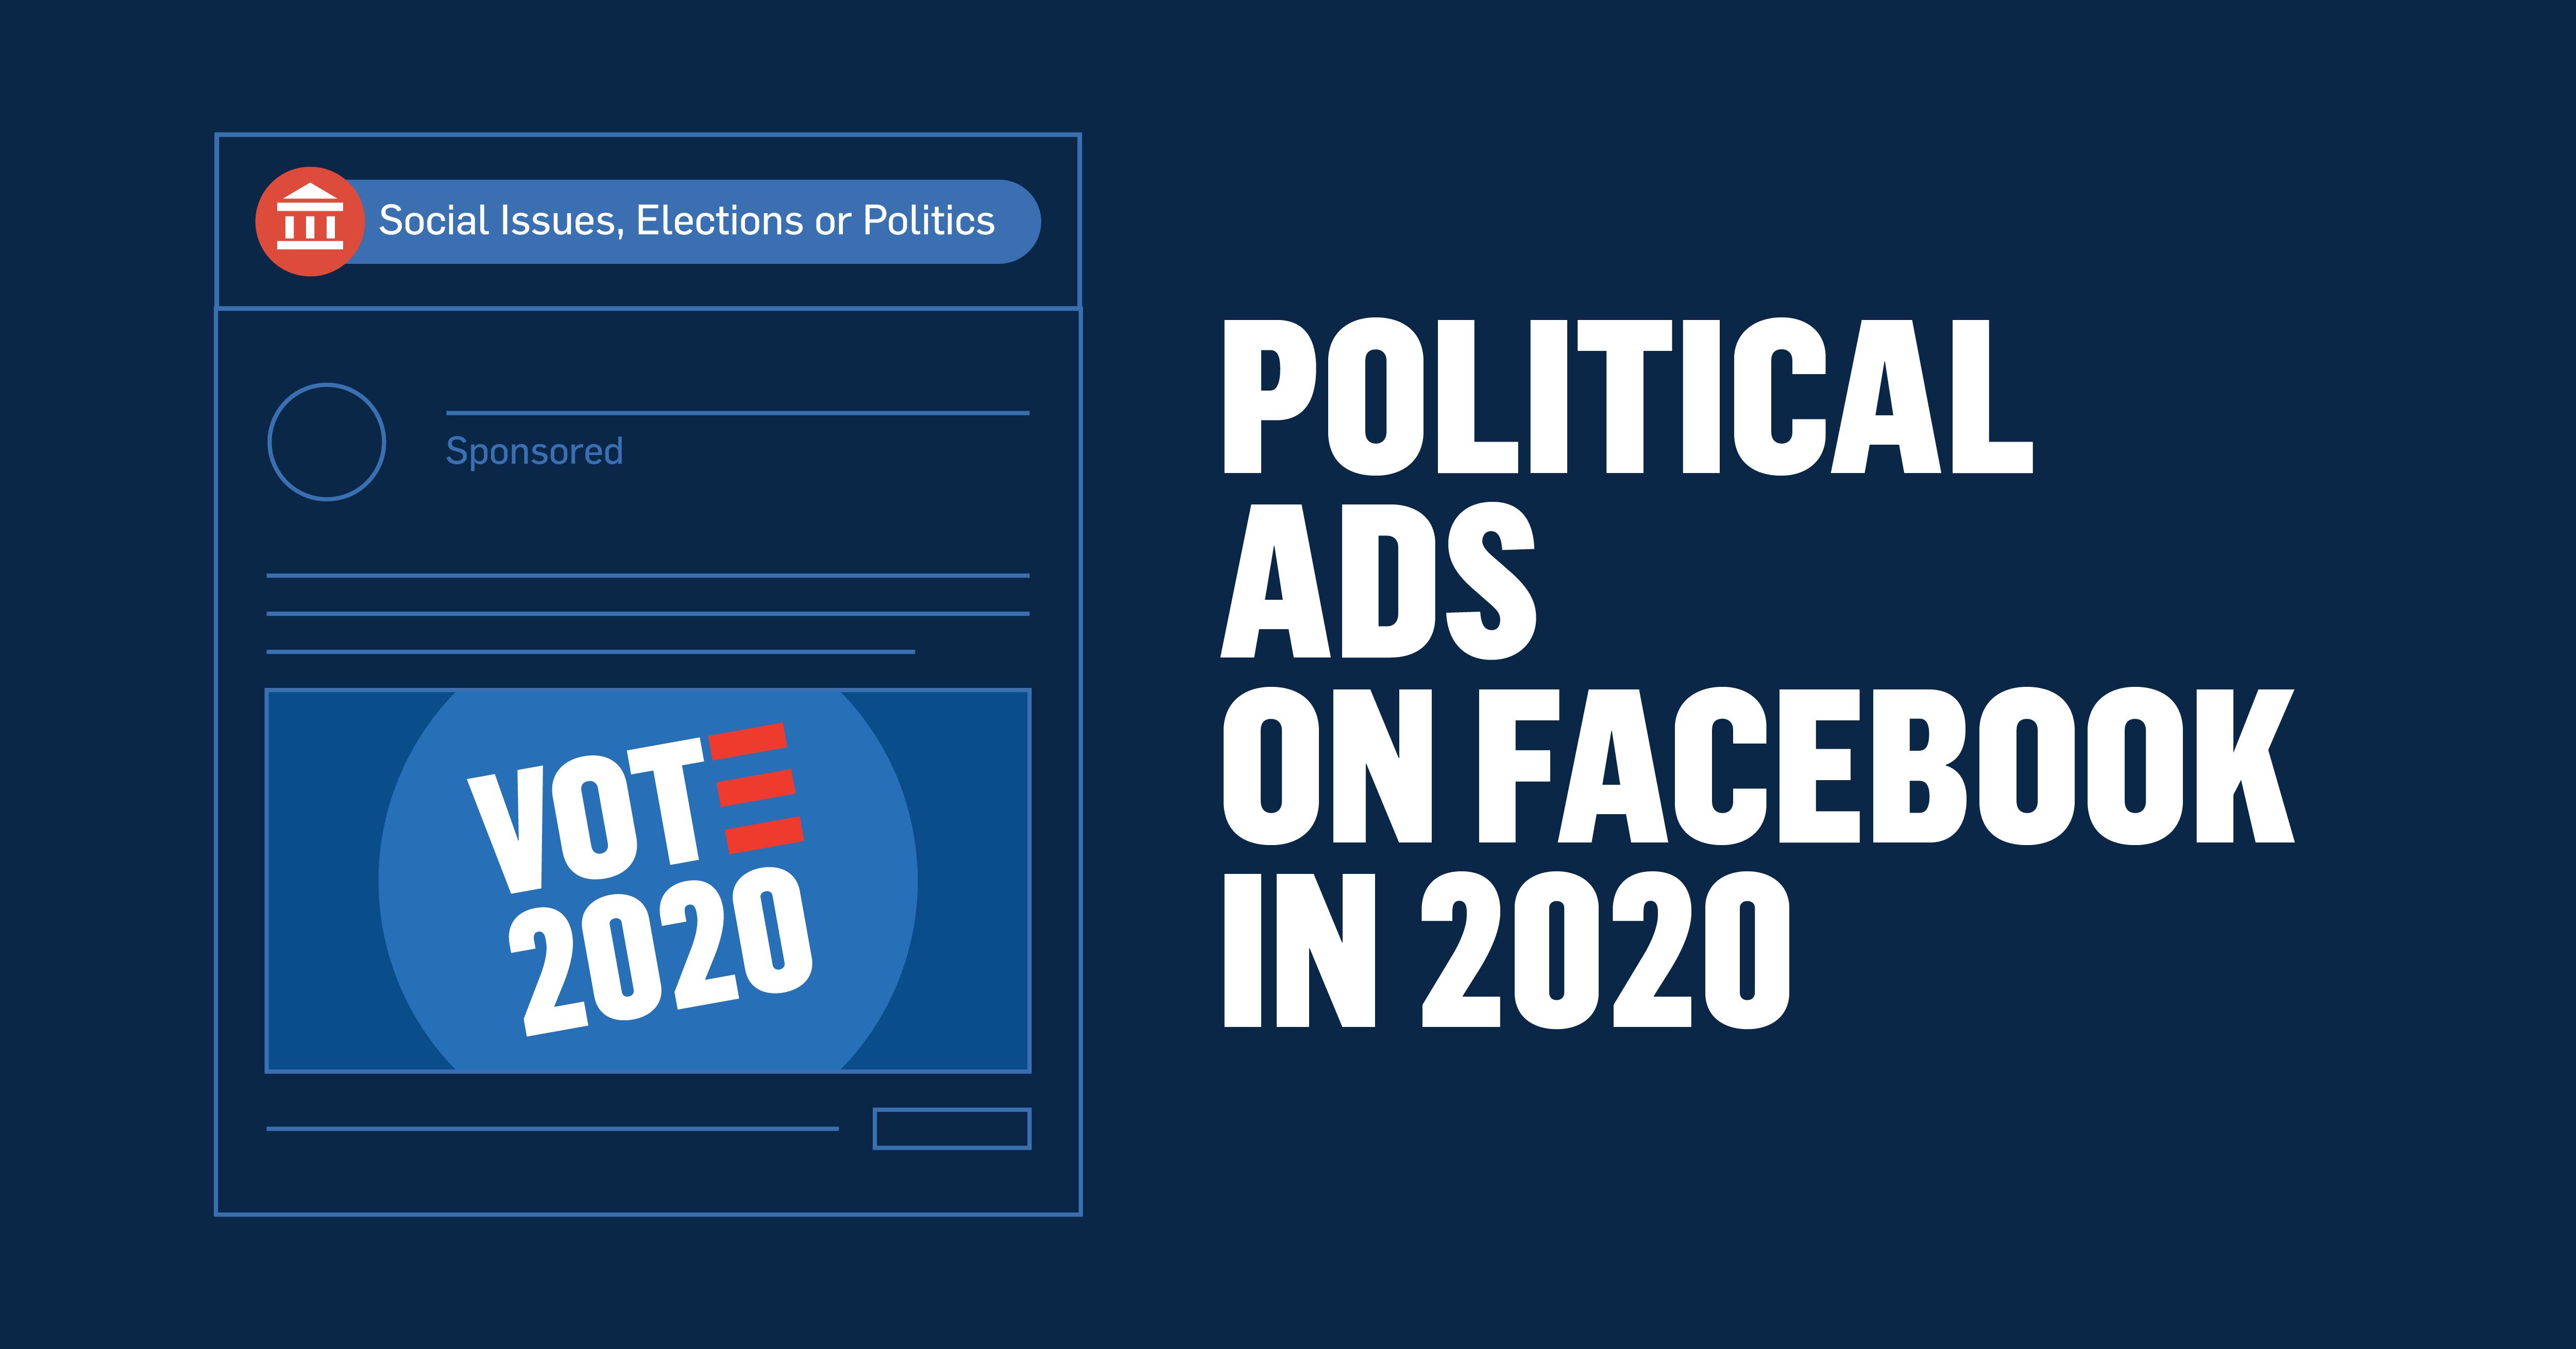 Blog20-10 Political Ads on Facebook in 2020-03